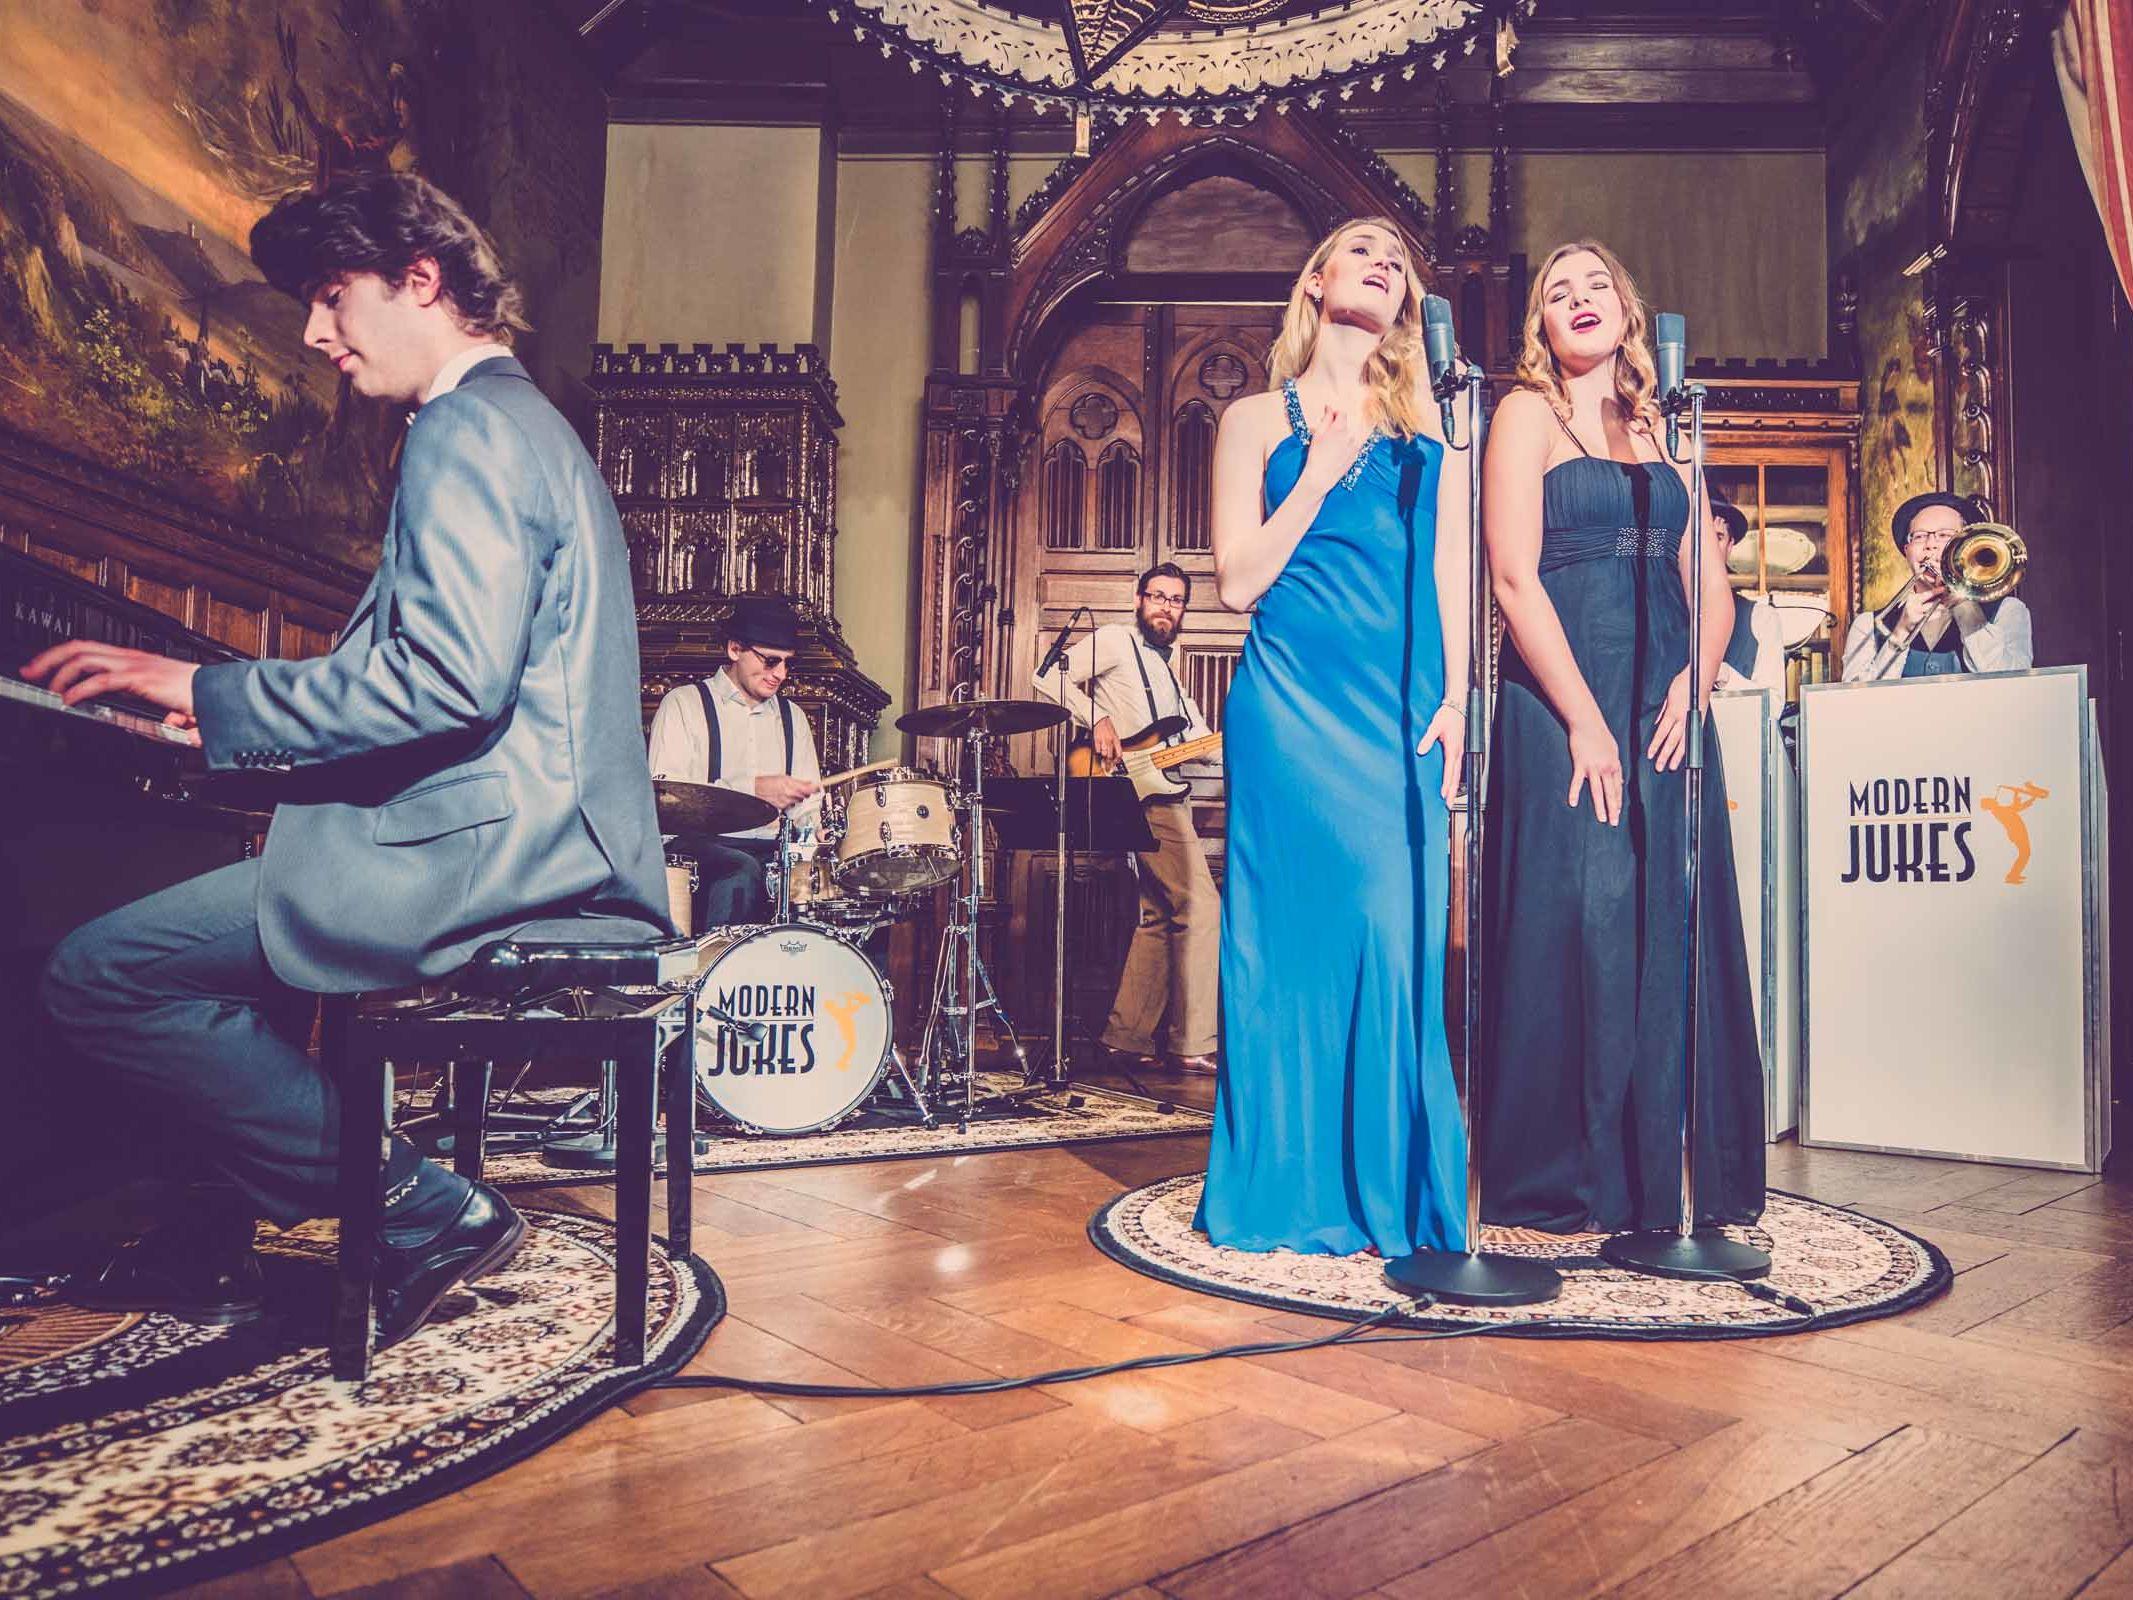 Band | Liveband | Partyband | Jazzband | Hannover | Swingband | Loungemusik | Walking | Act | Brassband | Popband | Jazz | Sänger | Sängerin | Hochzeit | Messe | Firmenfeier | Charity | Gala | Buchen | Mieten | Anfragen